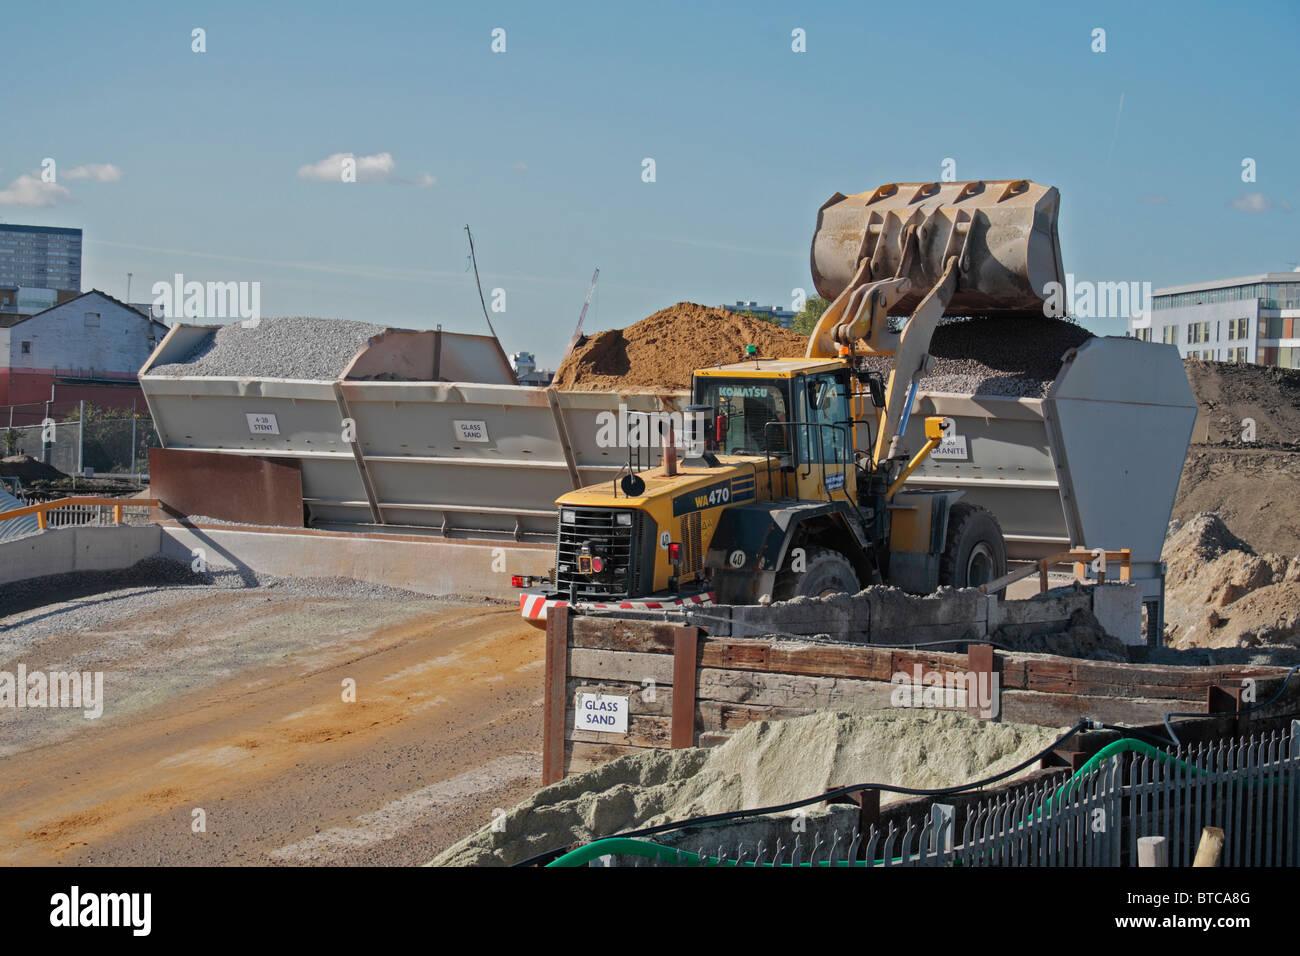 Digger depositar agregado en una de varias tolvas de producción de hormigón in situ, sitio de Juegos Olímpicos Imagen De Stock